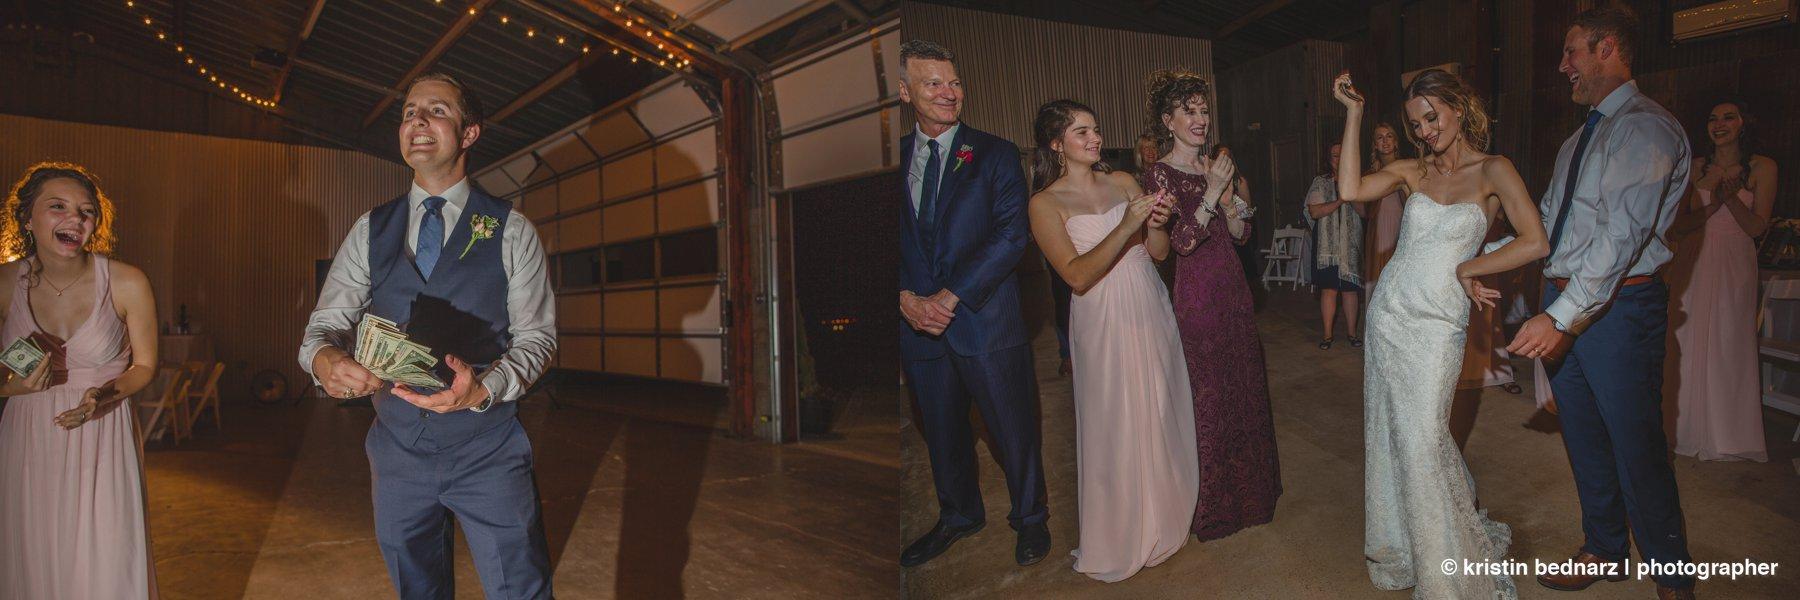 Krisitin_Bednarz_Lubbock_Wedding_Photographer_20180602_0104.JPG